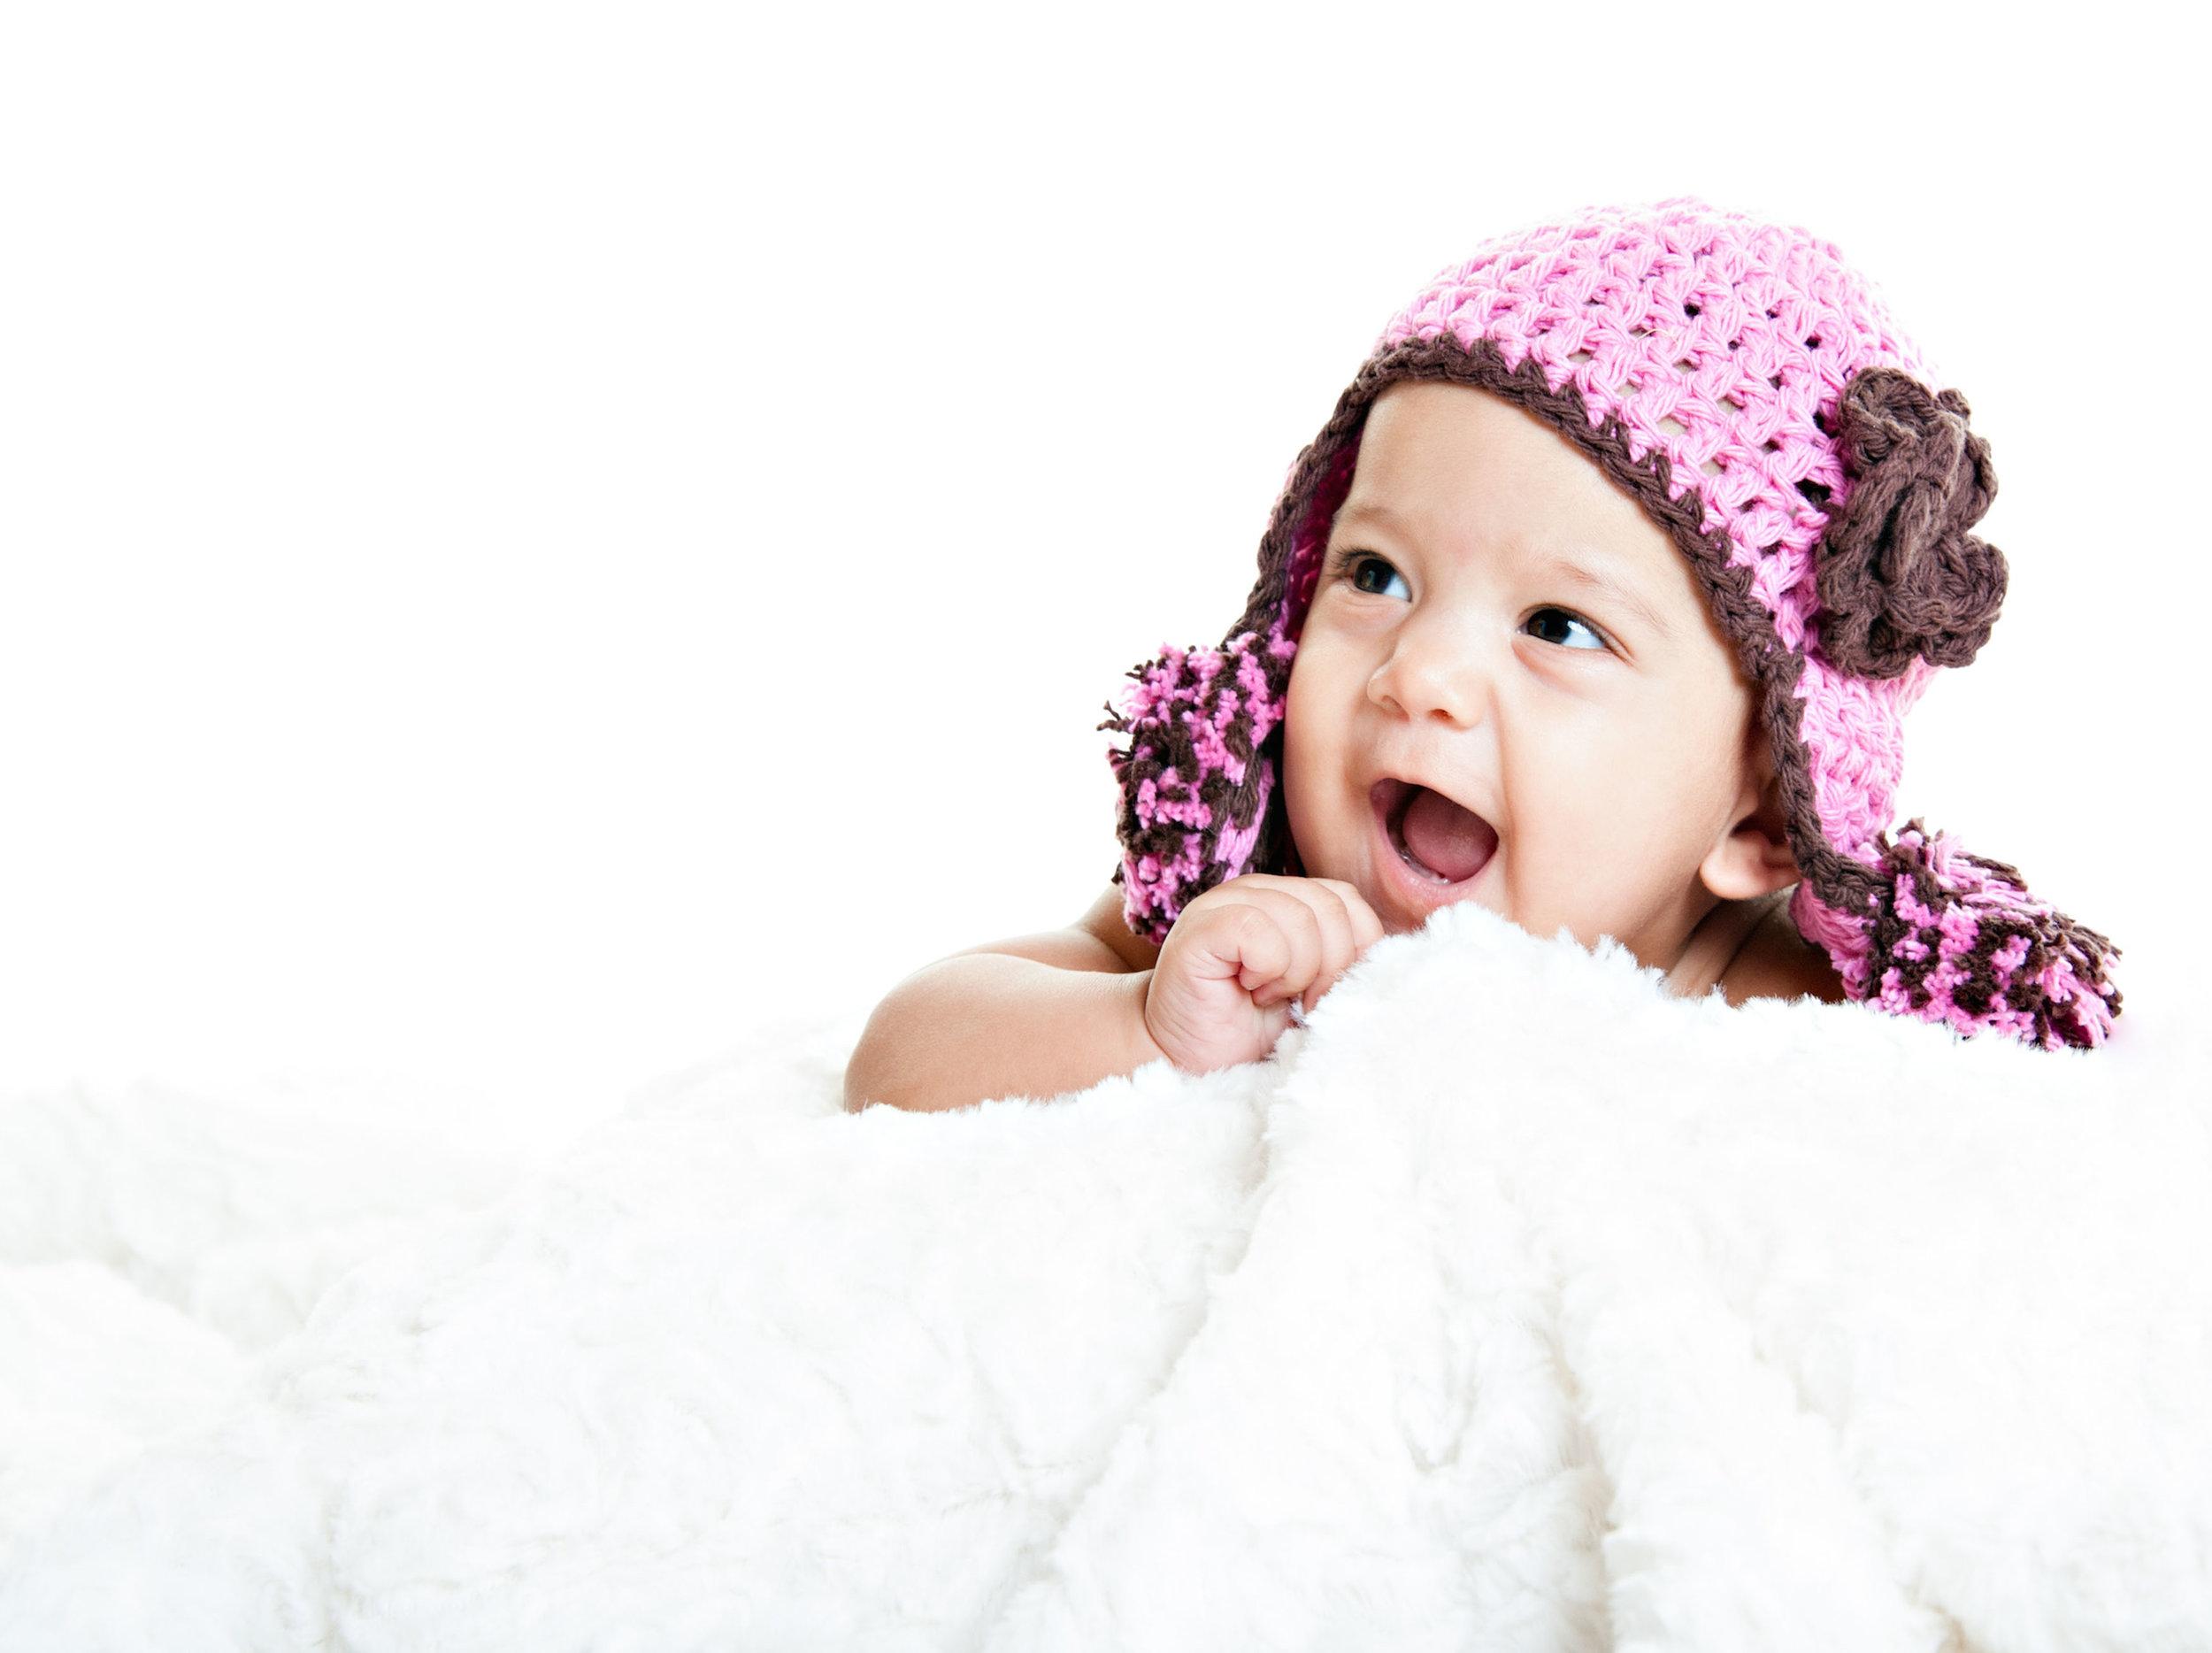 BabyPhotographyImprint-27.jpg